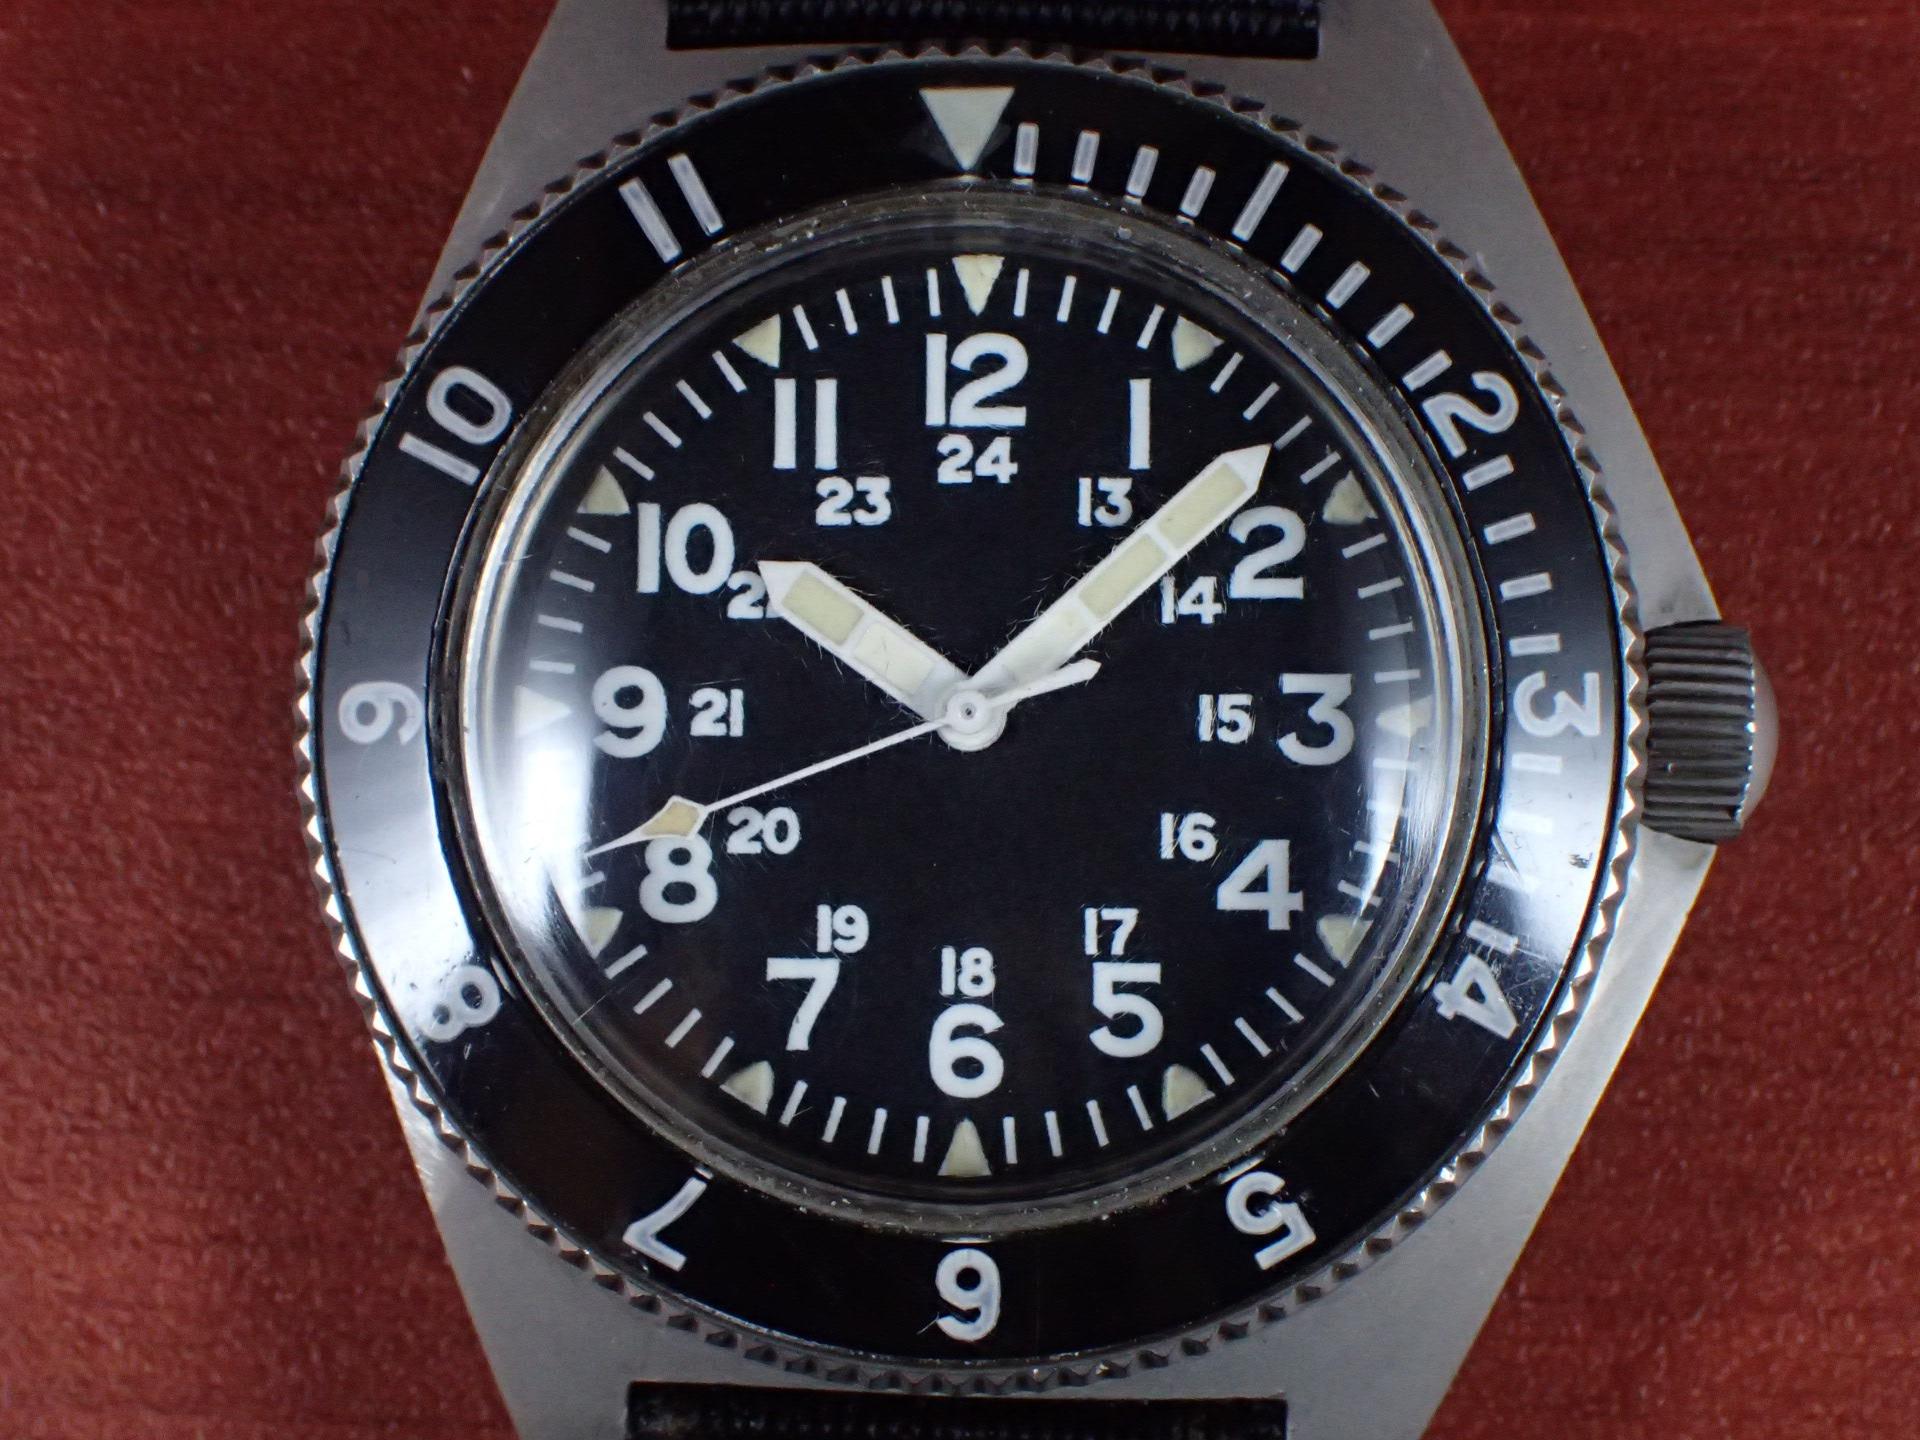 ベンラス ミリタリー 米軍特殊部隊 タイプⅡクラスA 未支給 1973年の写真2枚目